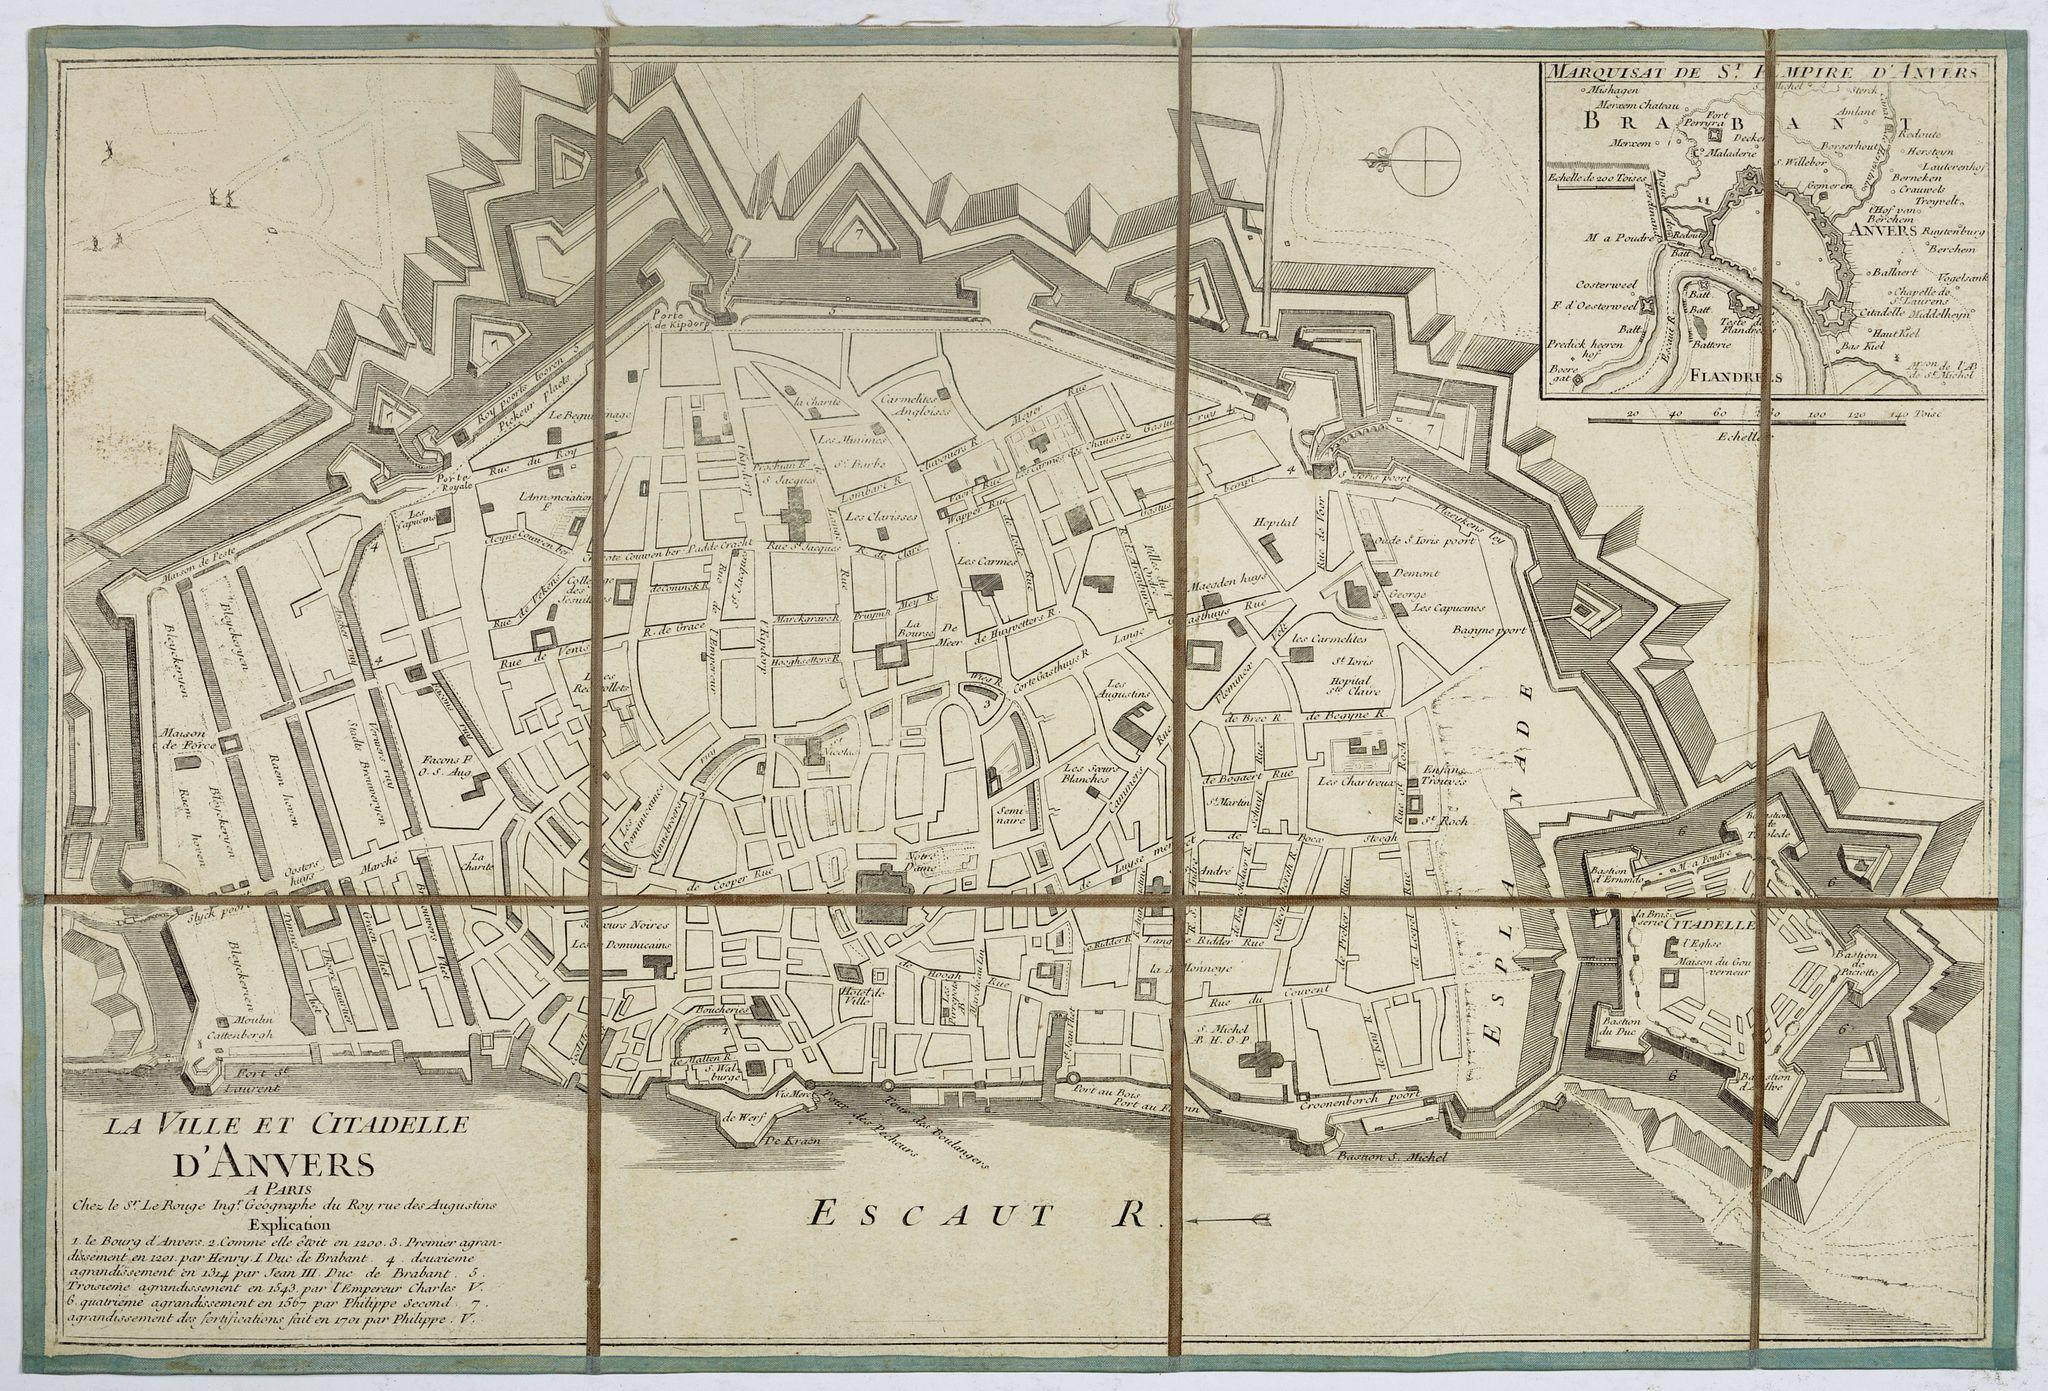 LE ROUGE, G-L. -  La ville et citadelle d'Anvers. [Antwerp]